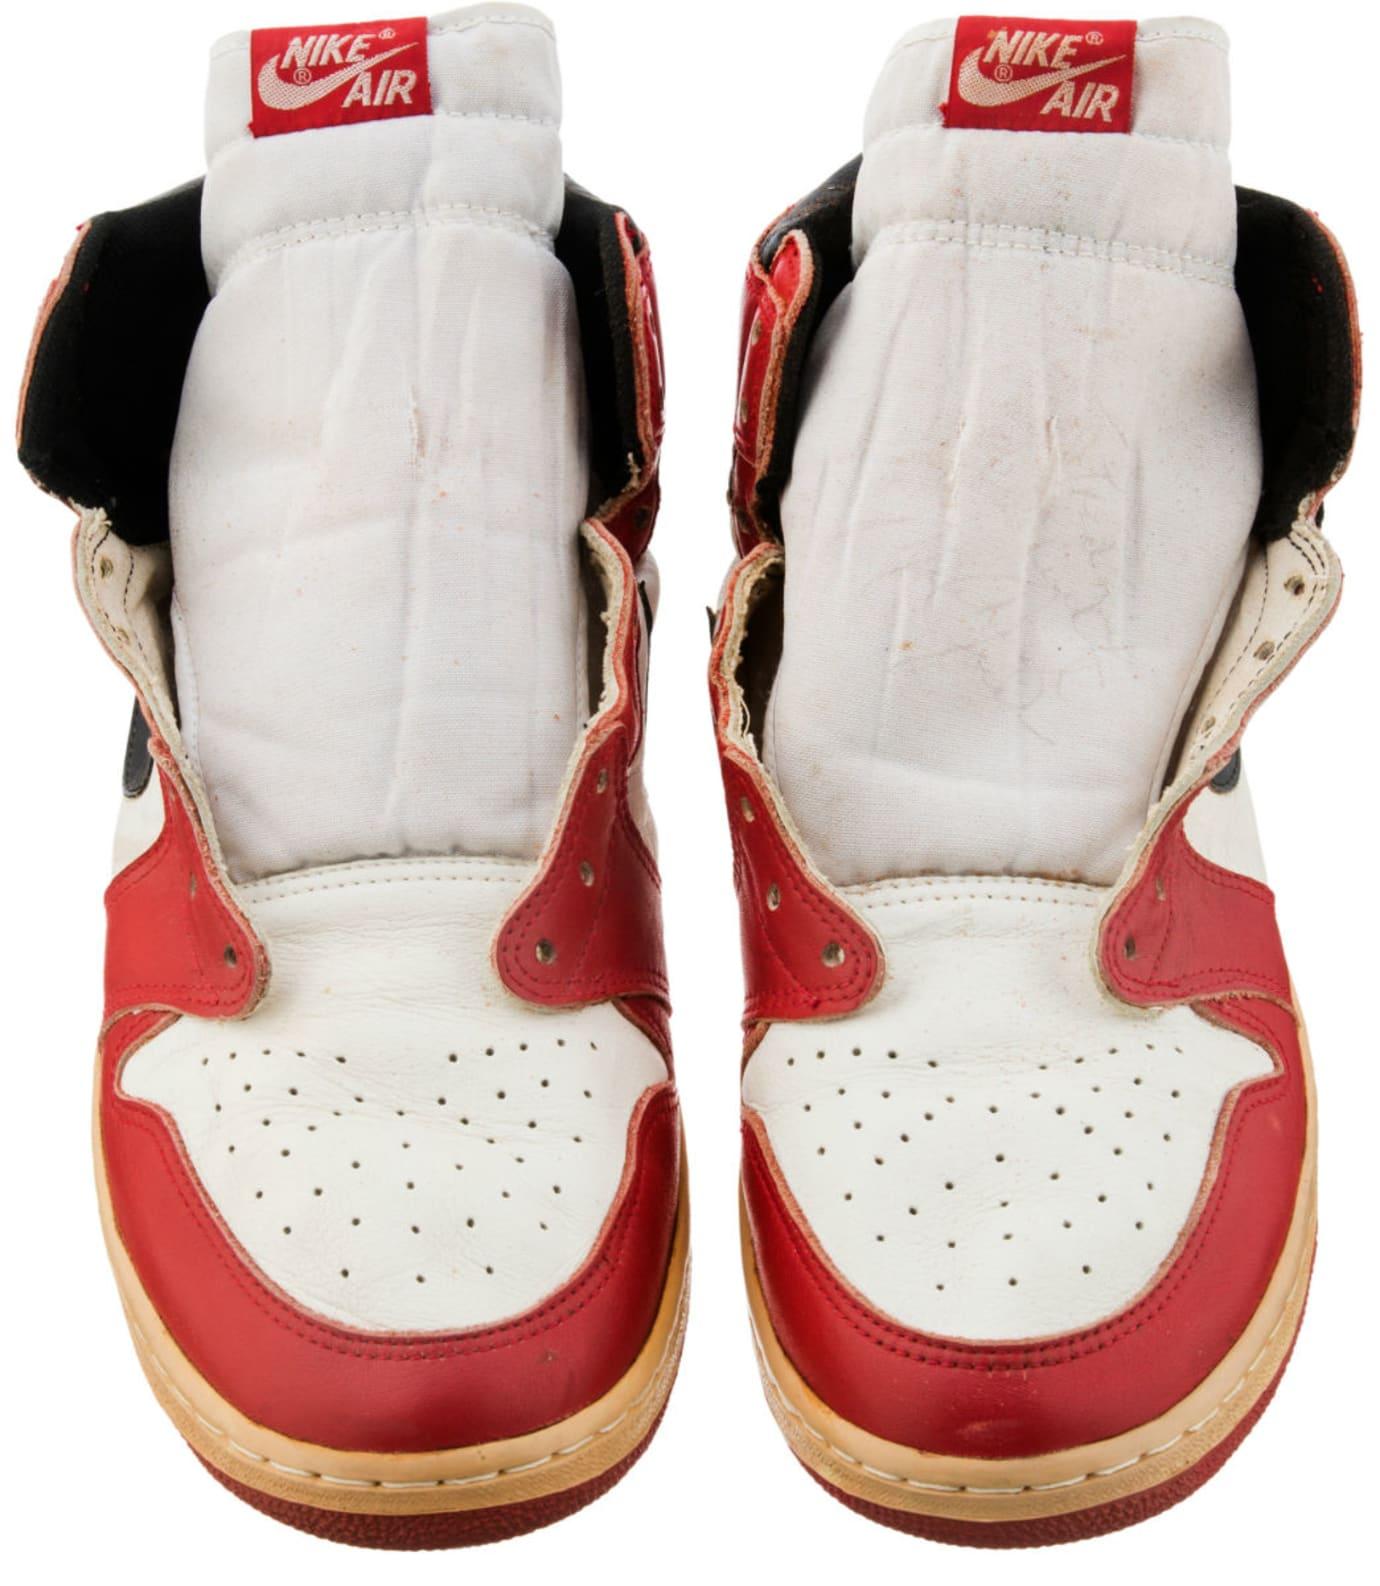 Air Jordan 1 Straps Injury Sample Auction Front